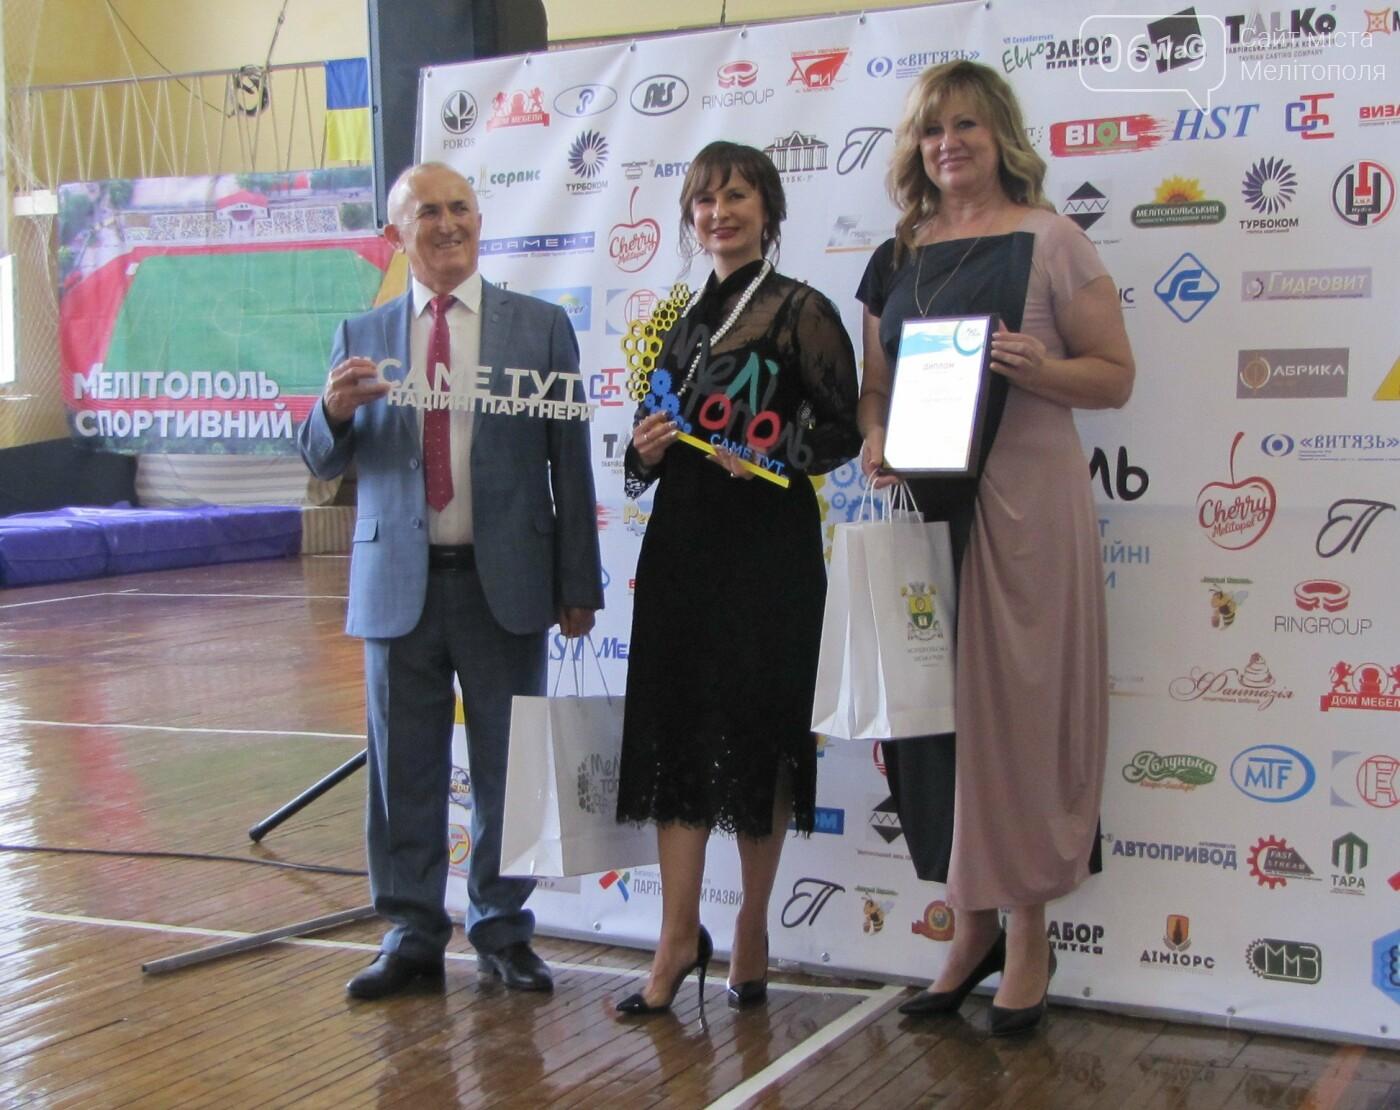 Мелитопольских предпринимателей поздравили с профессиональным праздником, фото-6